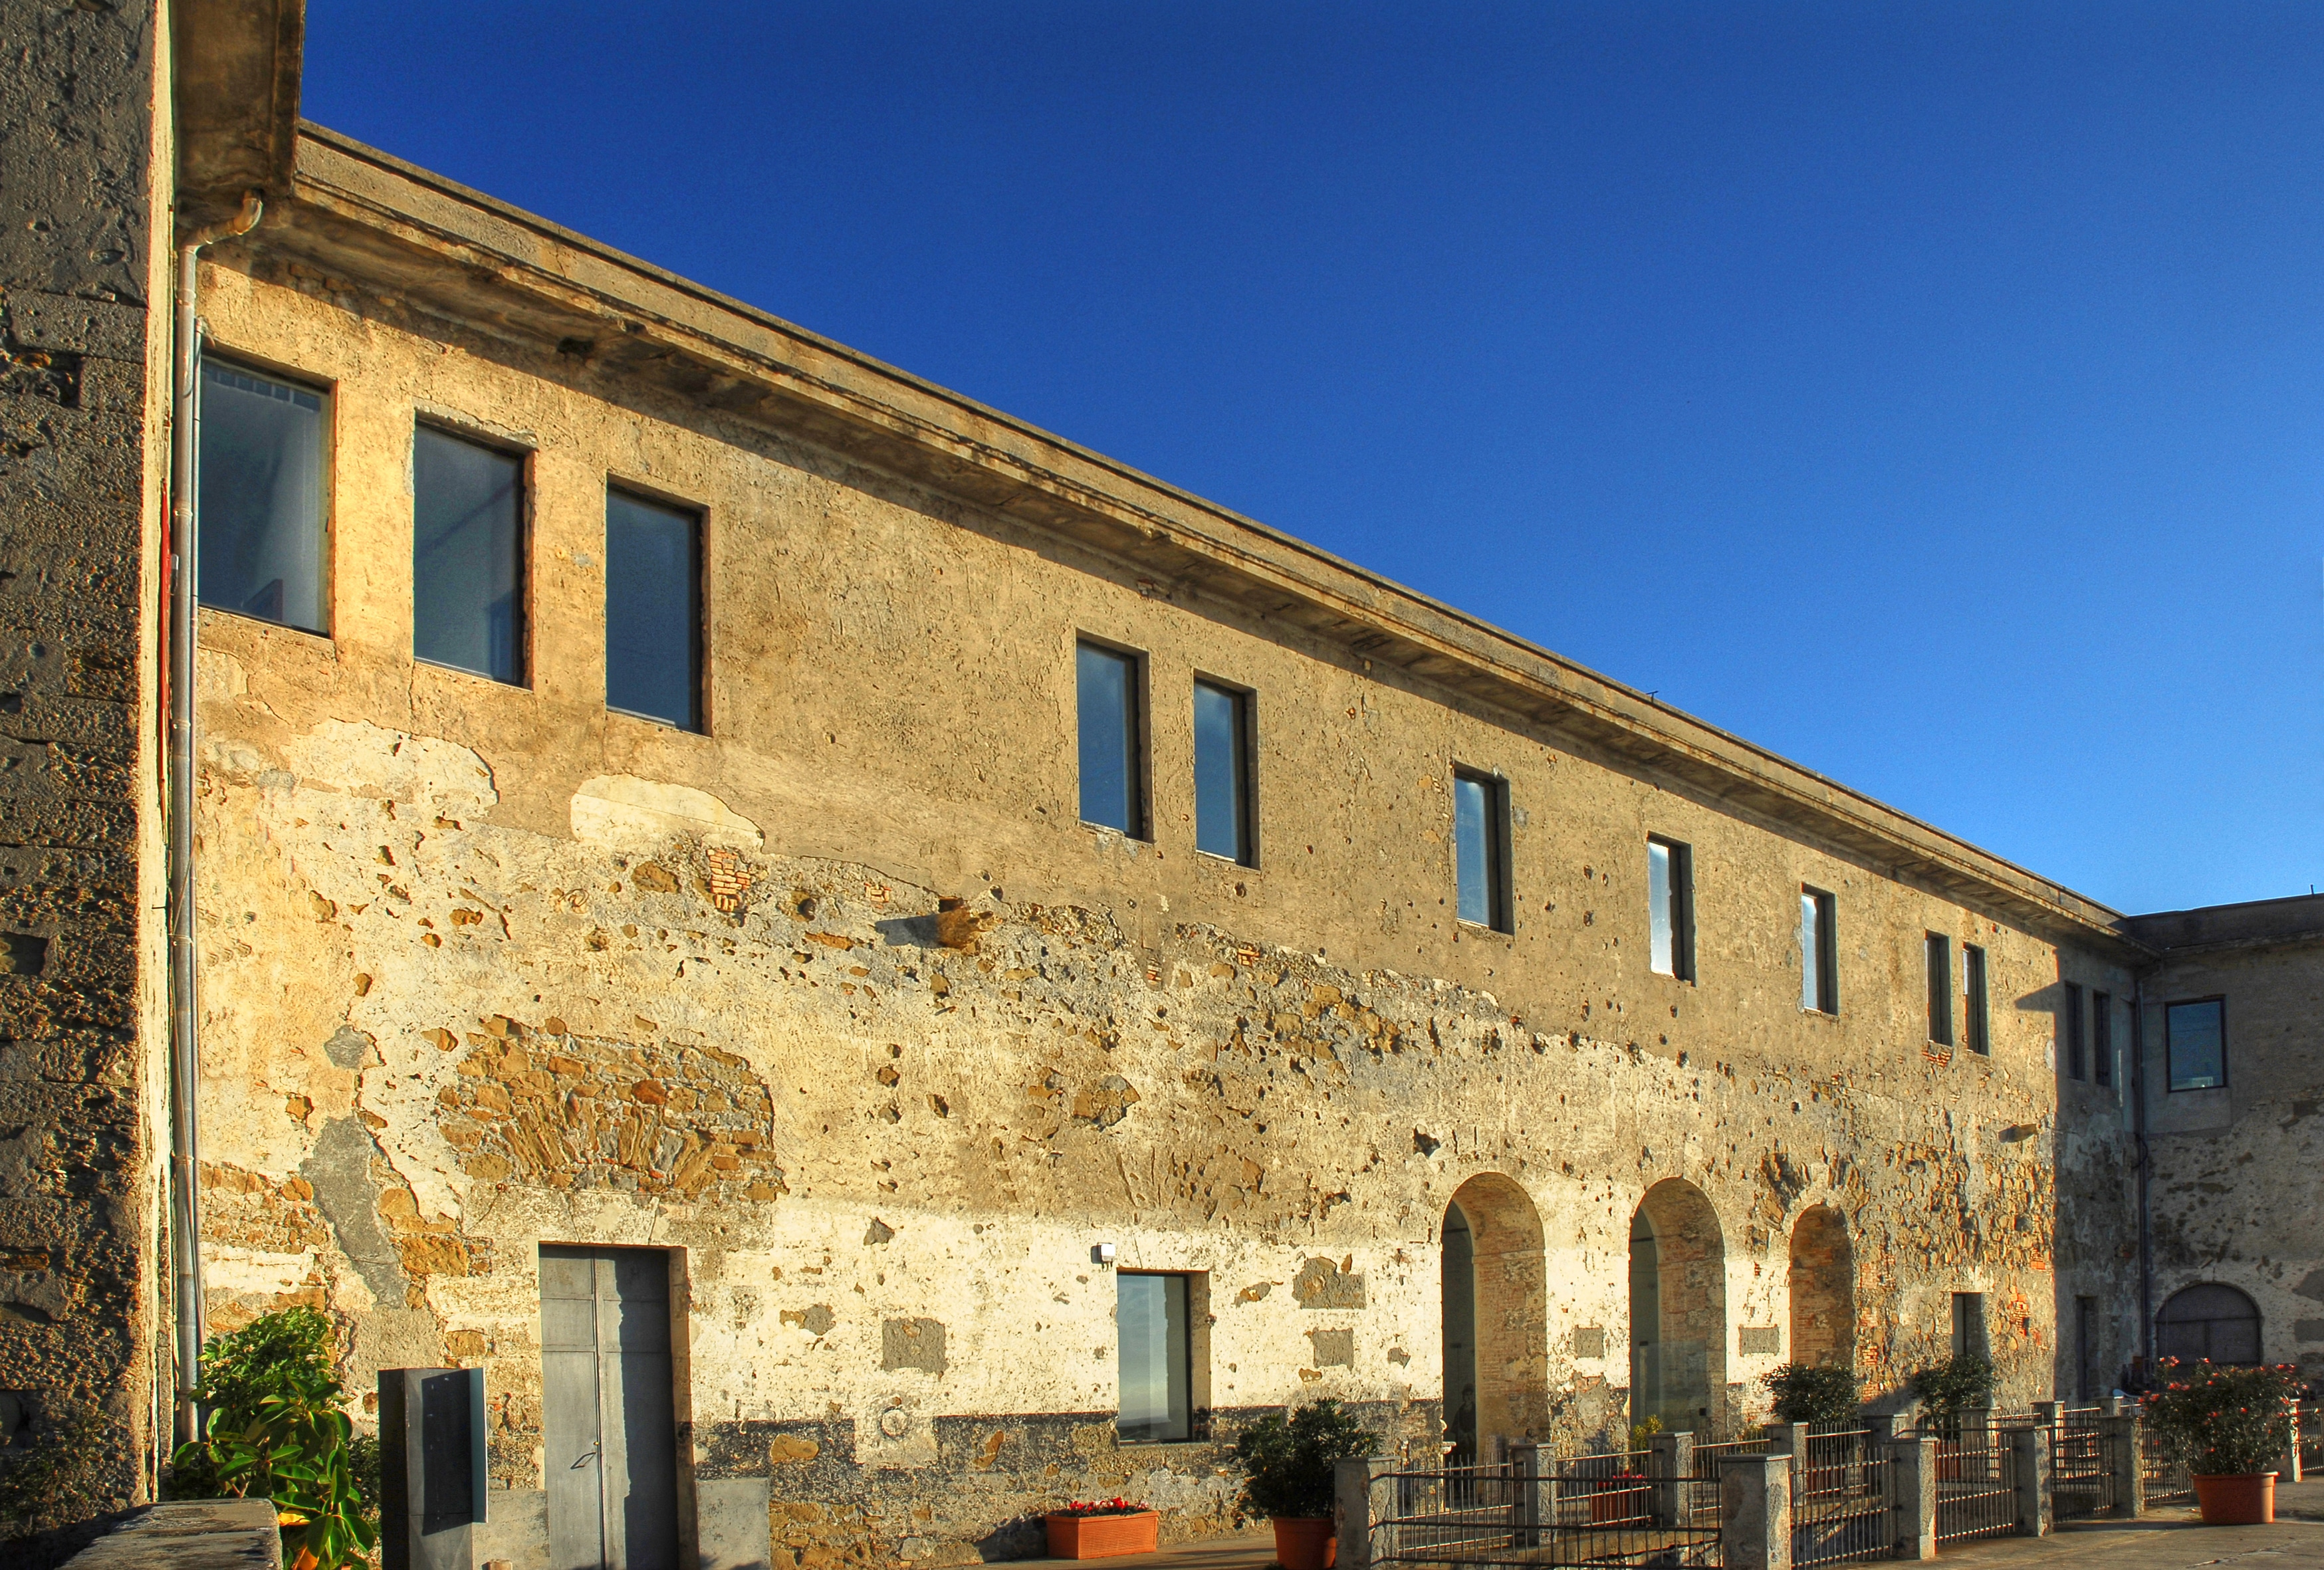 """Il Museo Civico Archeologico """"Girolamo Rossi"""" partecipa anche quest'anno alla """"Notte dei Musei"""": evento nato in Francia nel 2005 e che vede oggi, con il patrocinio dell'UNESCO e del Consiglio…"""